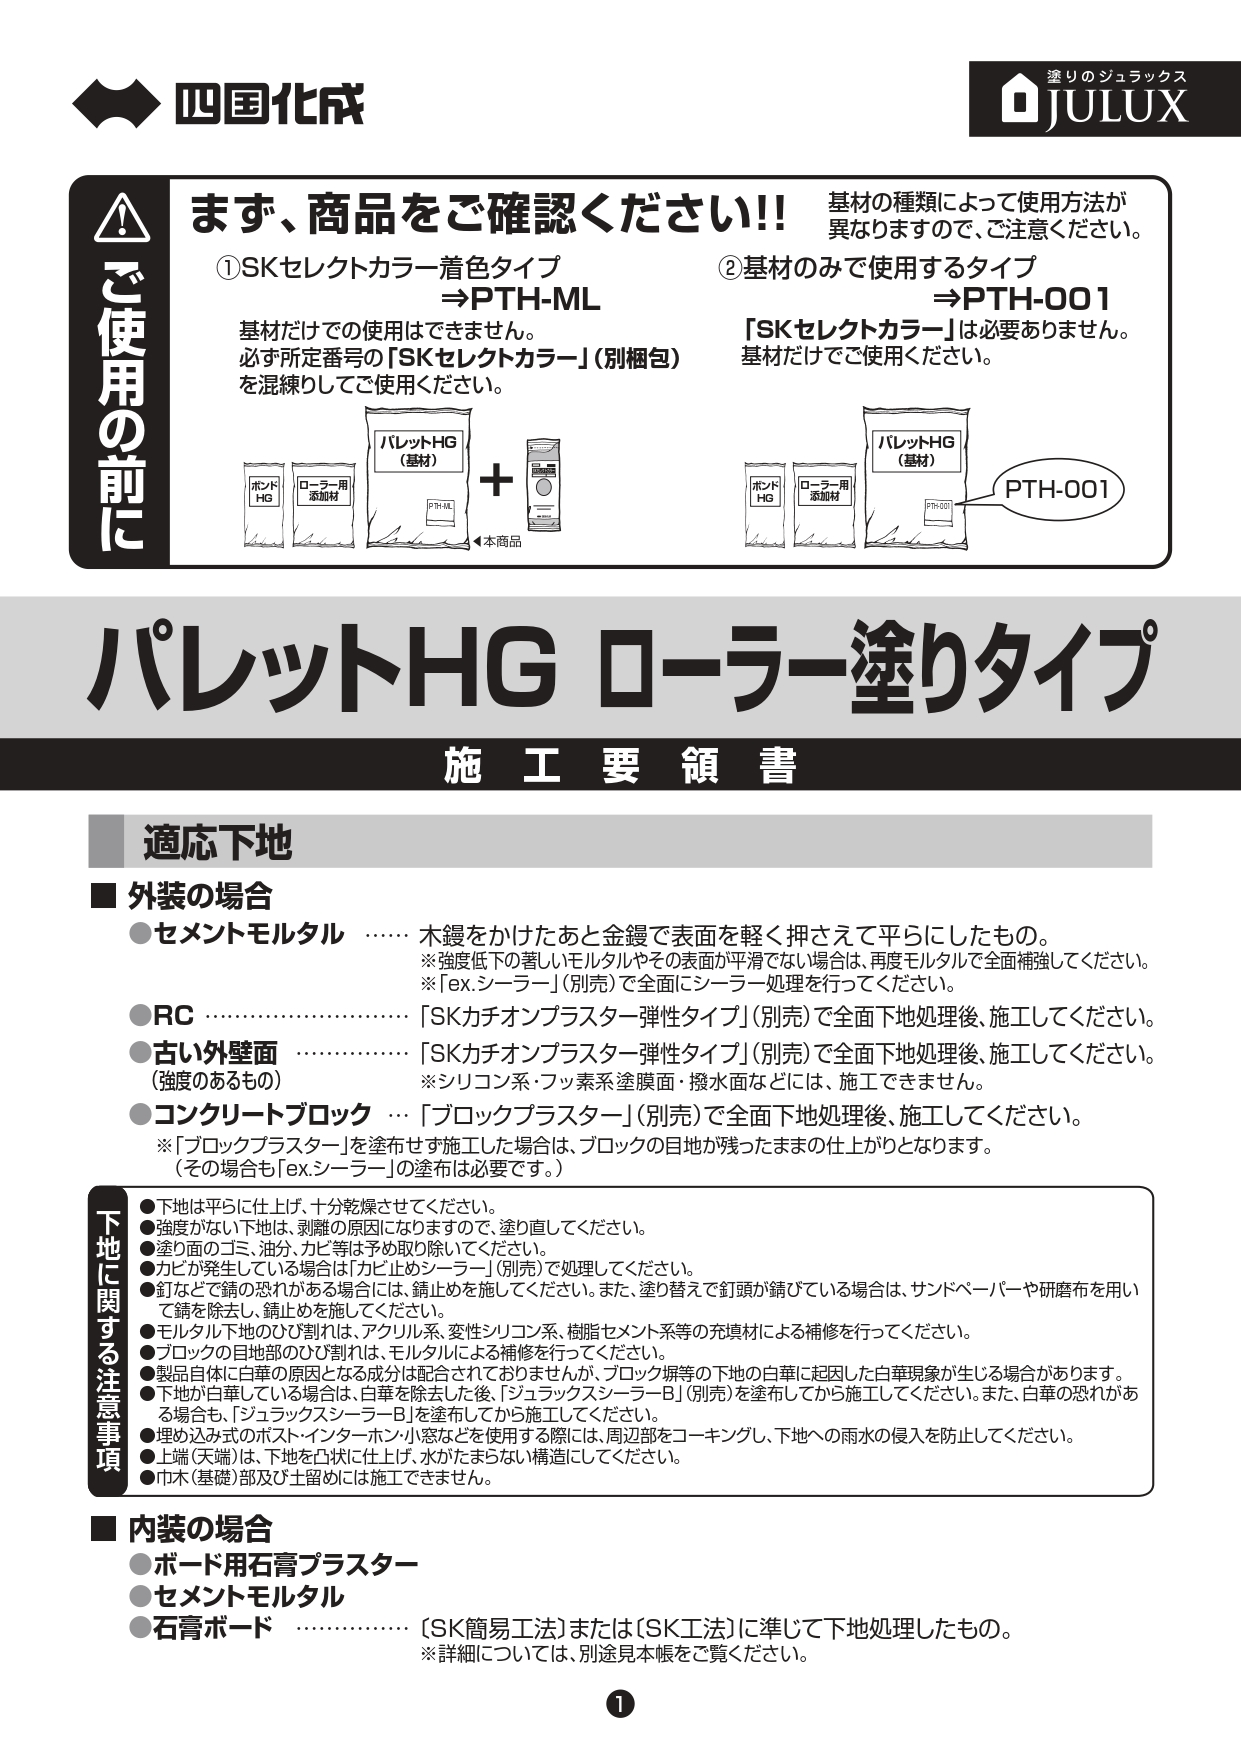 パレットHG ローラー塗りタイプ 施工説明書_page-0001